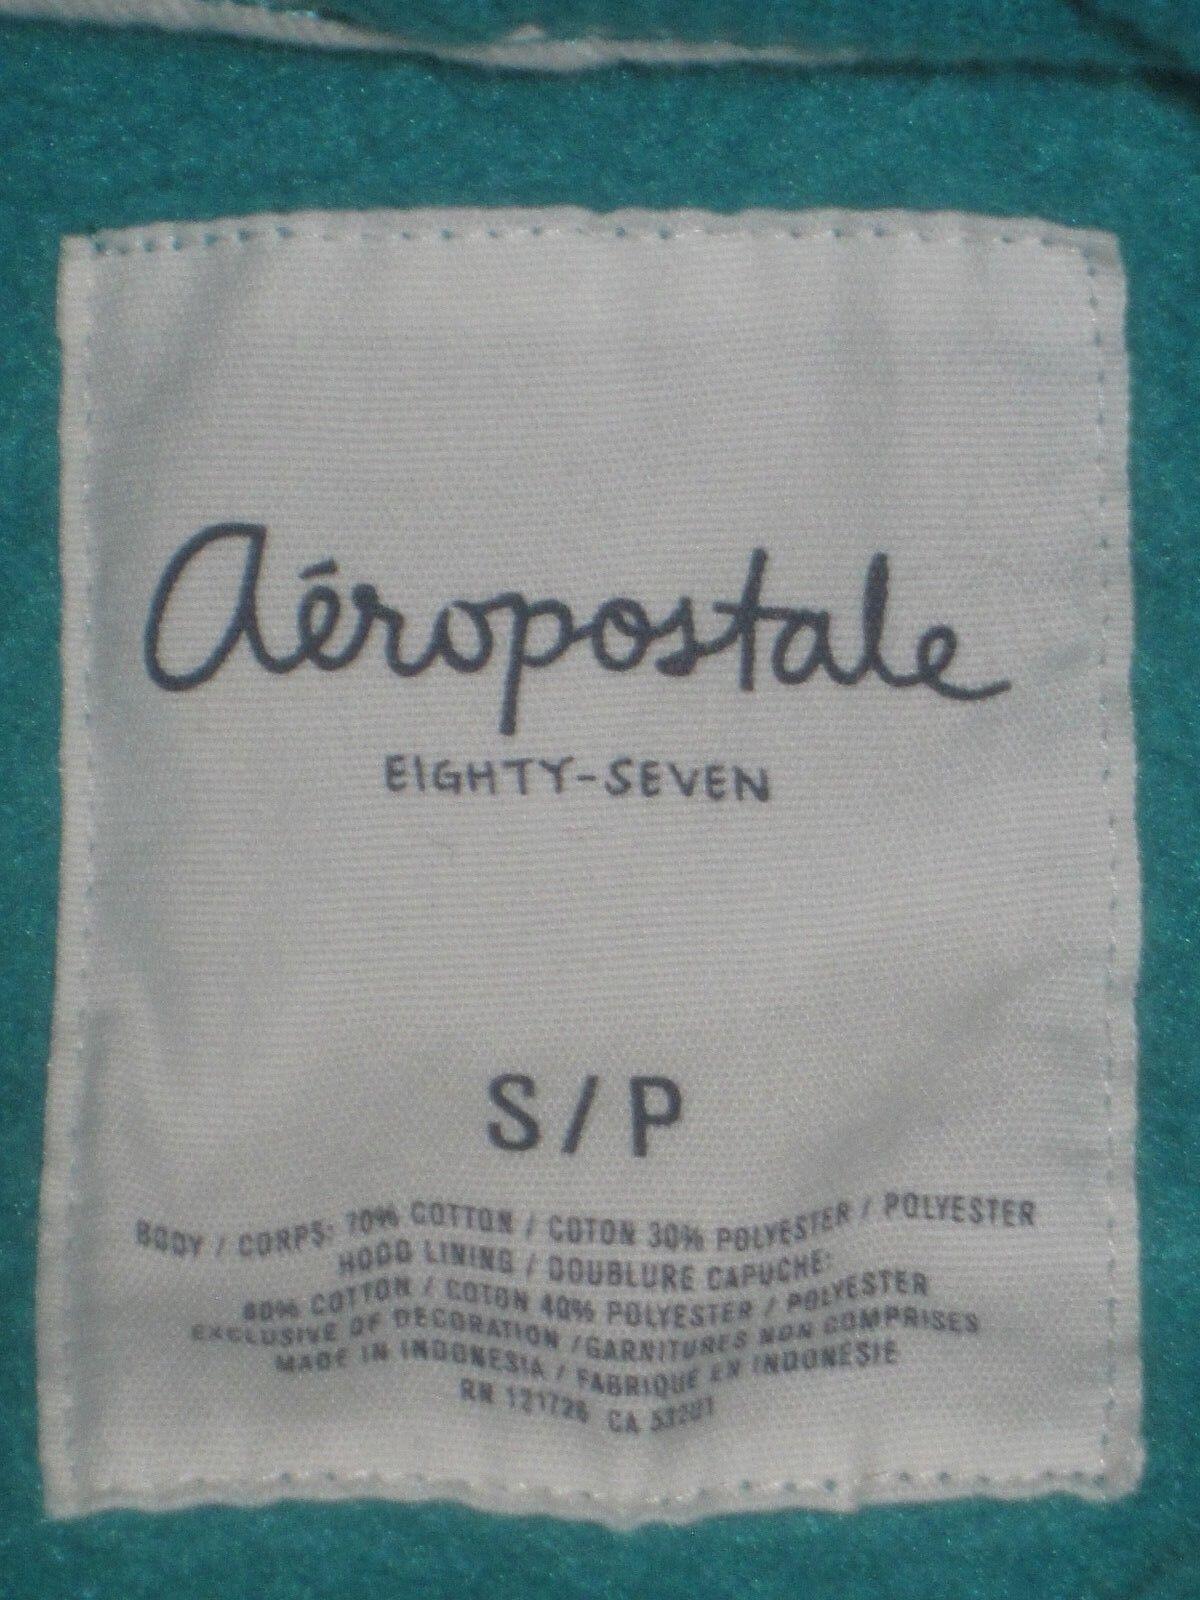 Aeropostale Hoodie Hoodie Hoodie Women Teal gold White Green bluee Sweater Size S P 76eaf4